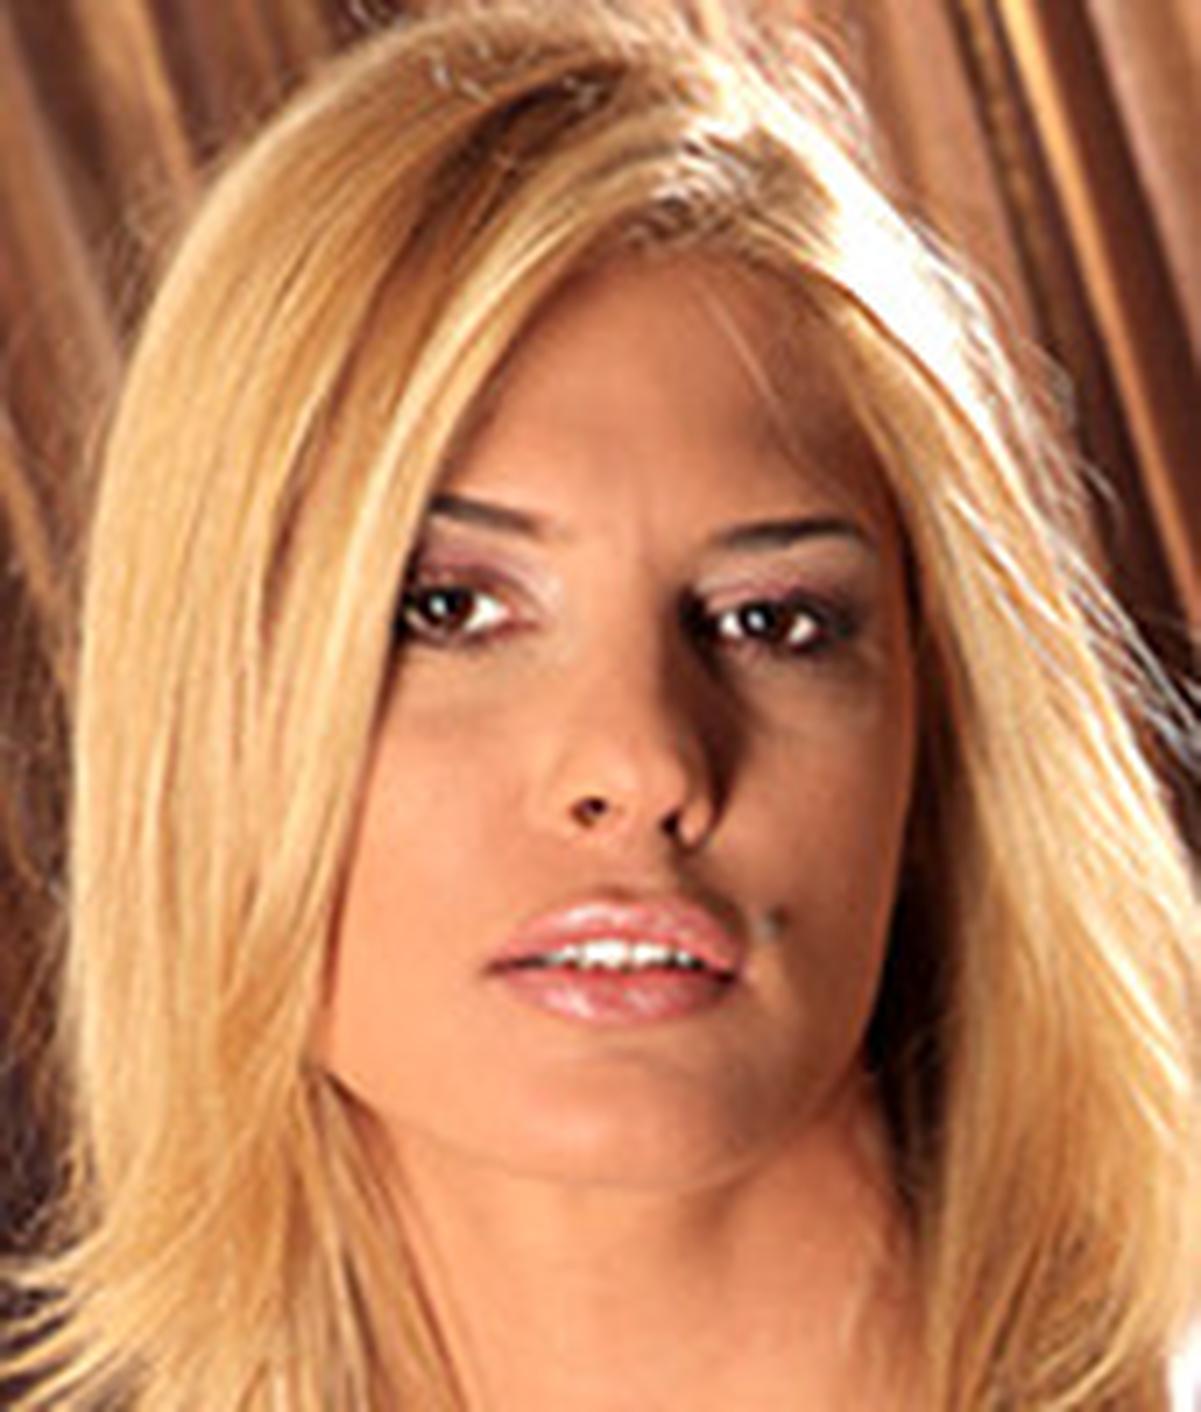 Nadia Macri